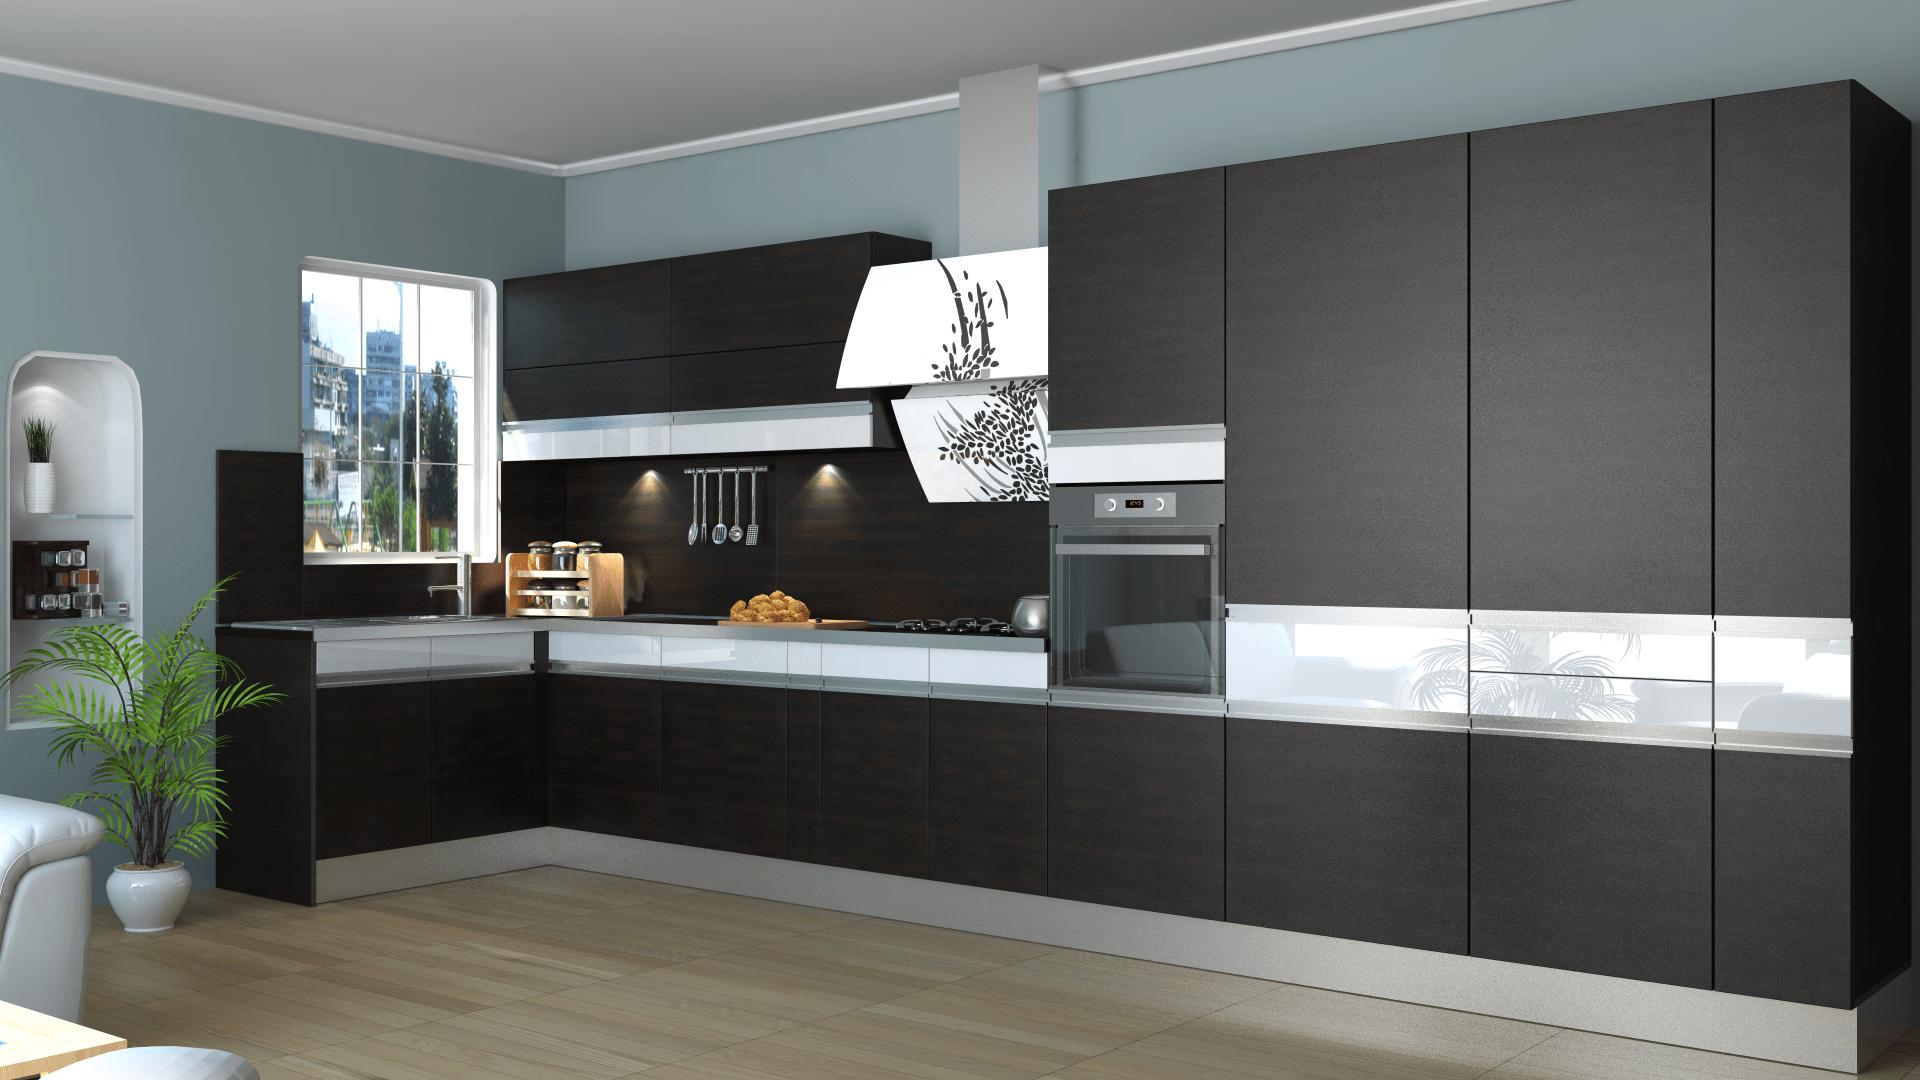 2015 y l modern mutfak dolap modelleri dekorstyle. Black Bedroom Furniture Sets. Home Design Ideas